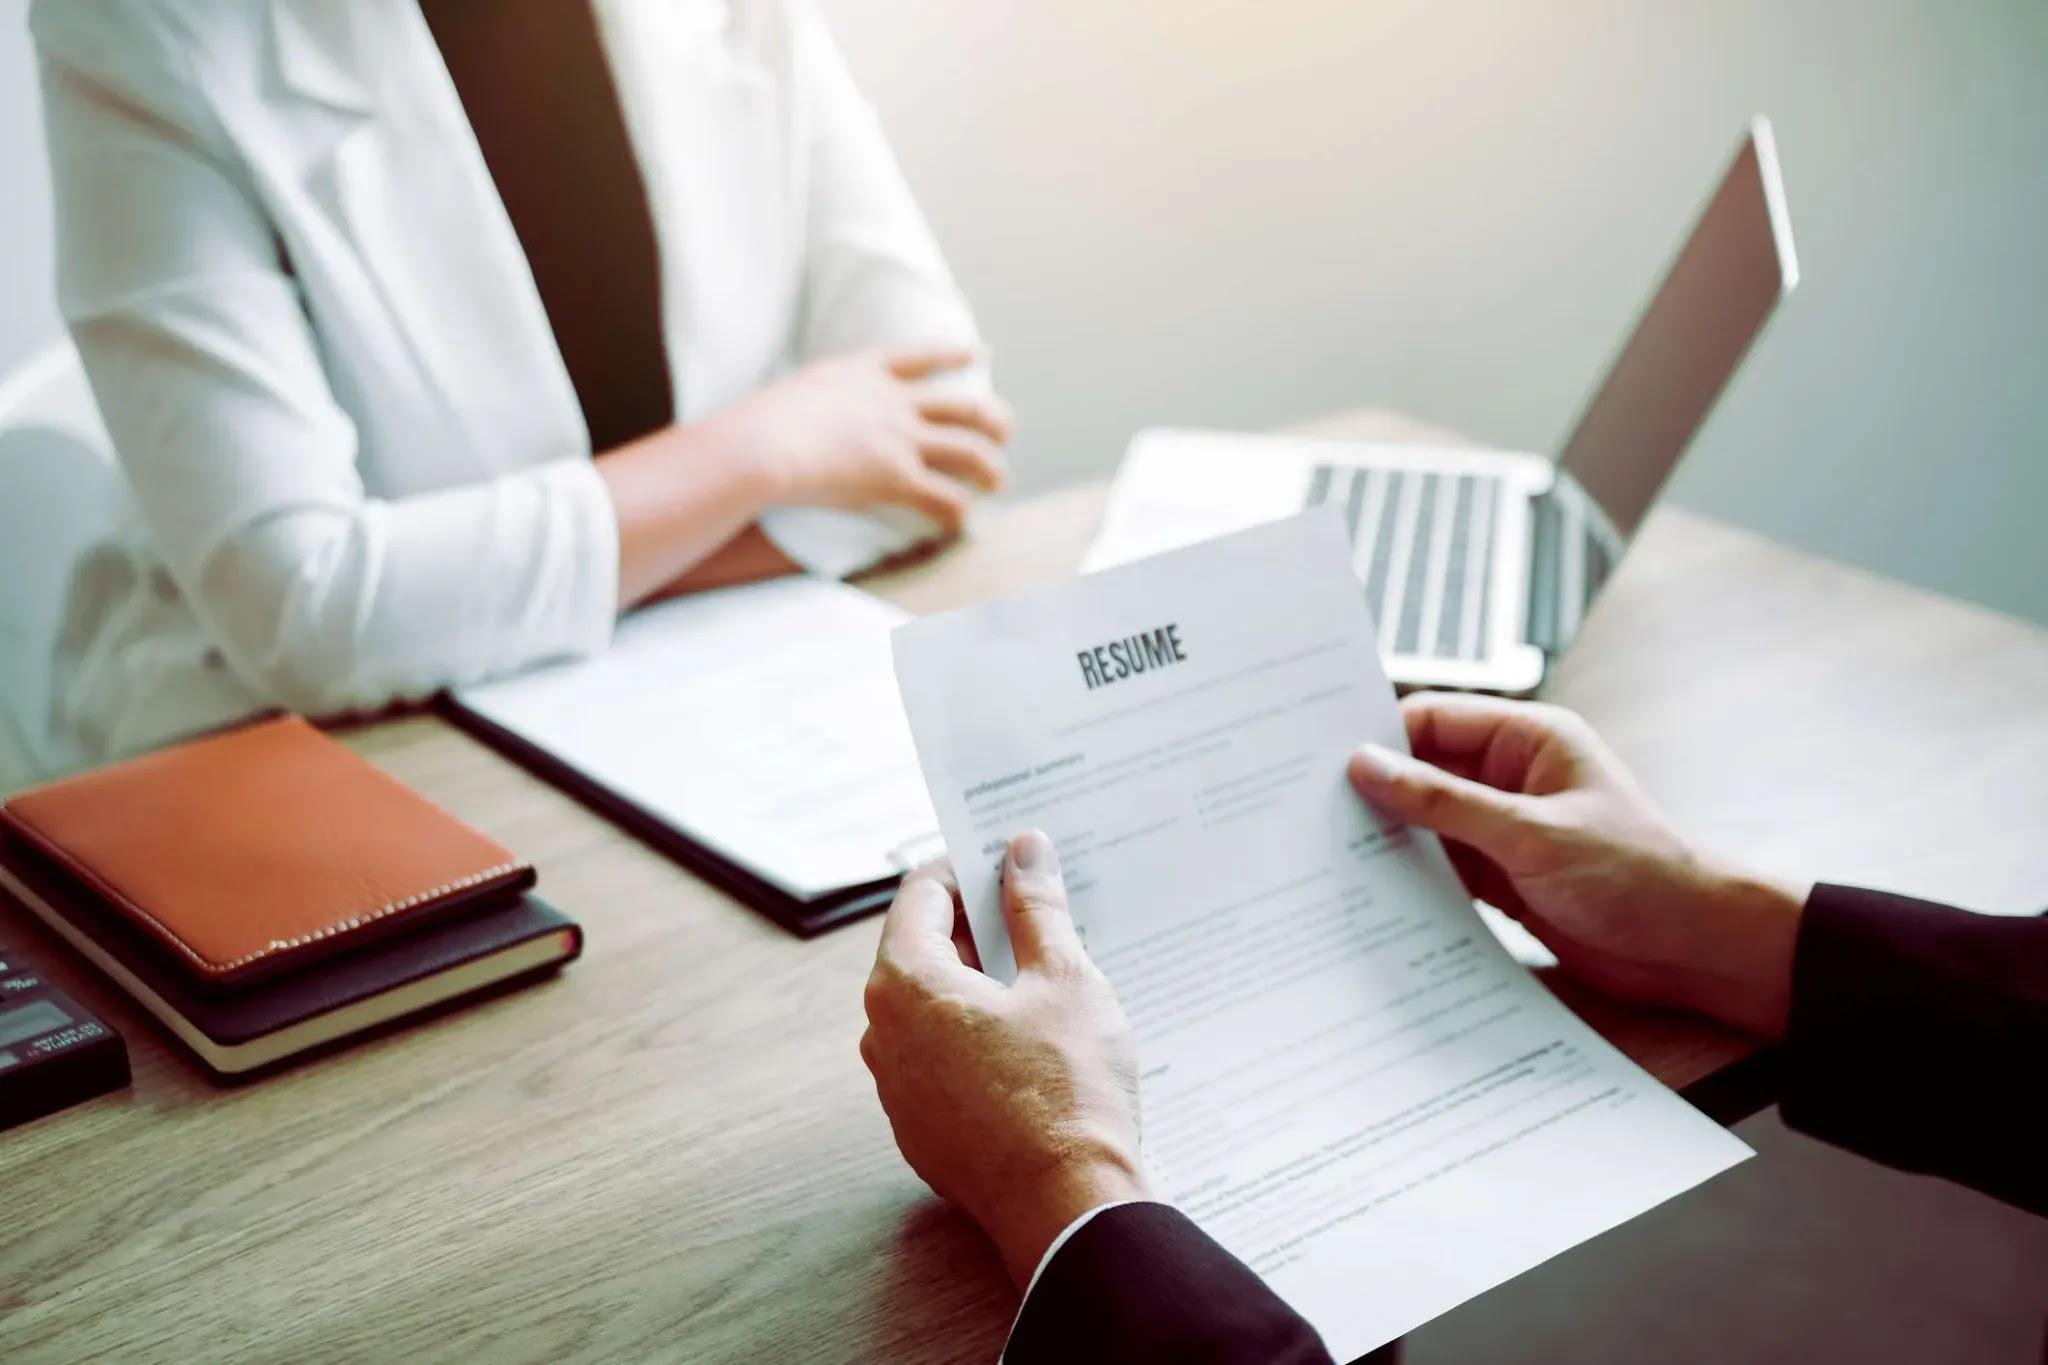 6 điều mà bạn cần biết để có một CV hoàn hảo khi đi xin việc